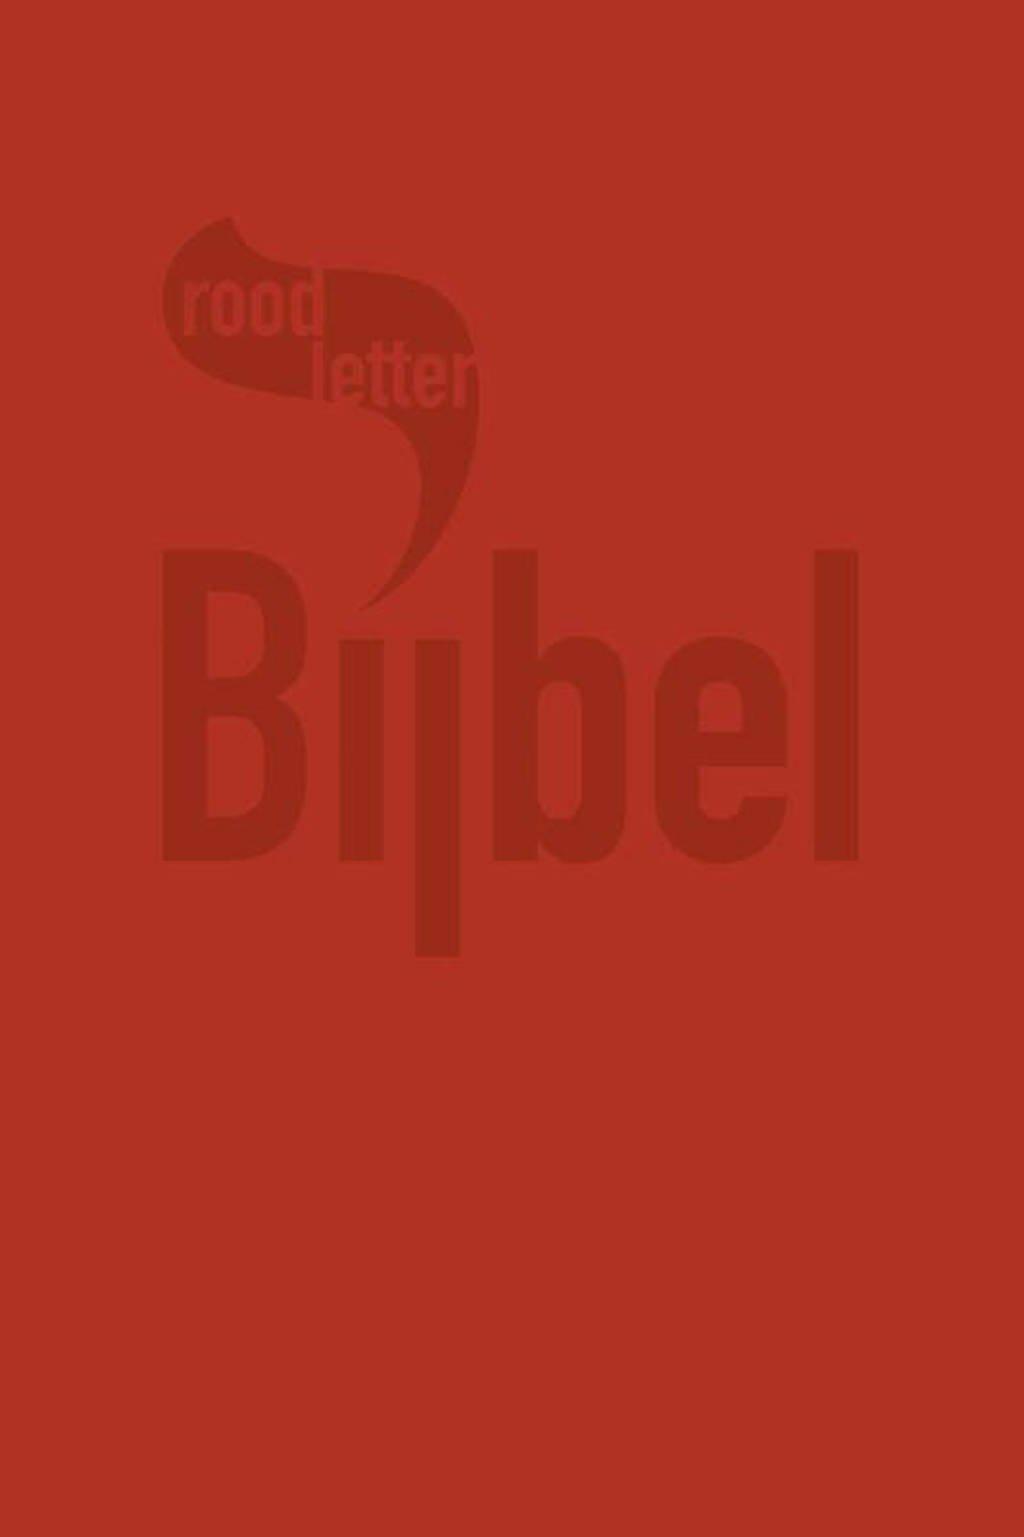 Roodletterbijbel: Roodletterbijbel